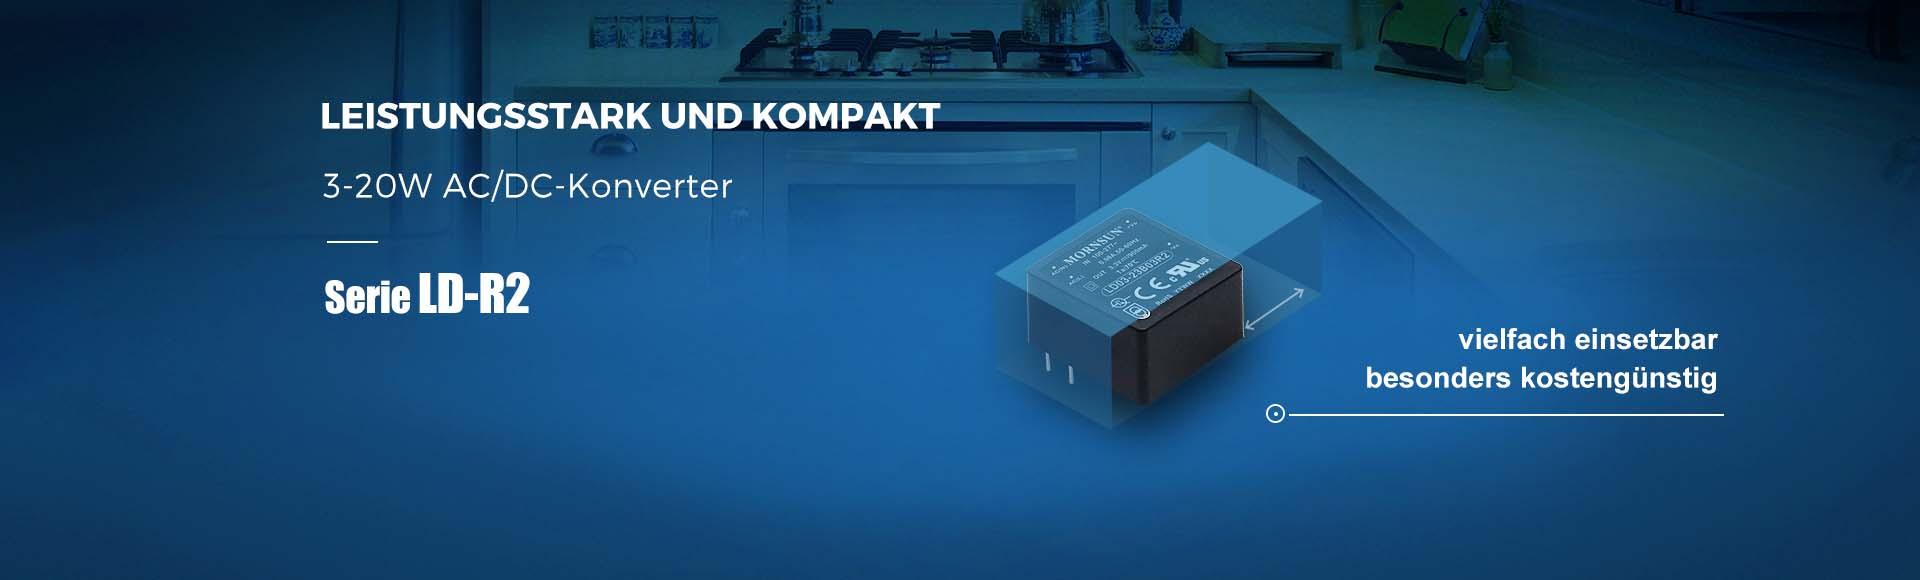 Leistungsstark und kompakt 3-20W ACDC-Konverter Serie LD-R2